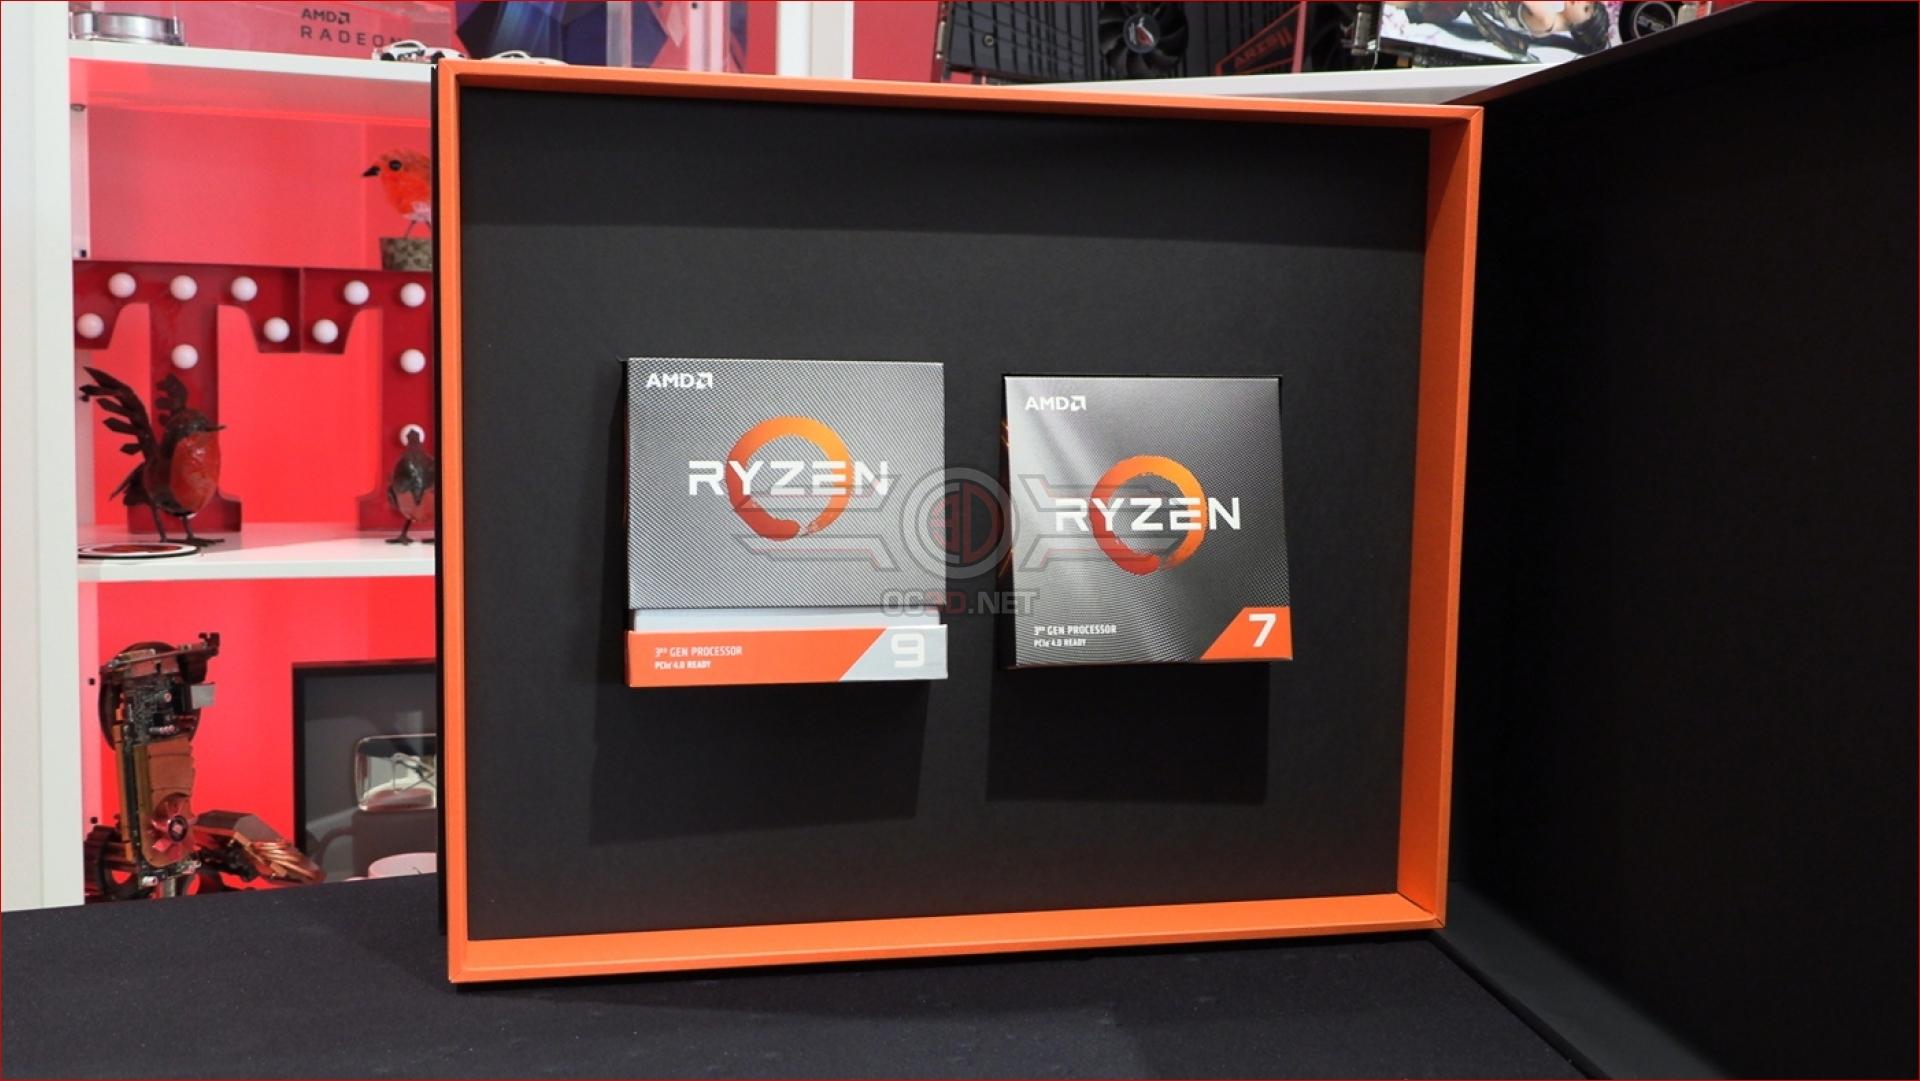 AMD Ryzen 7 3700X Ryzen 9 3900X X470 vs X570 Review | Up